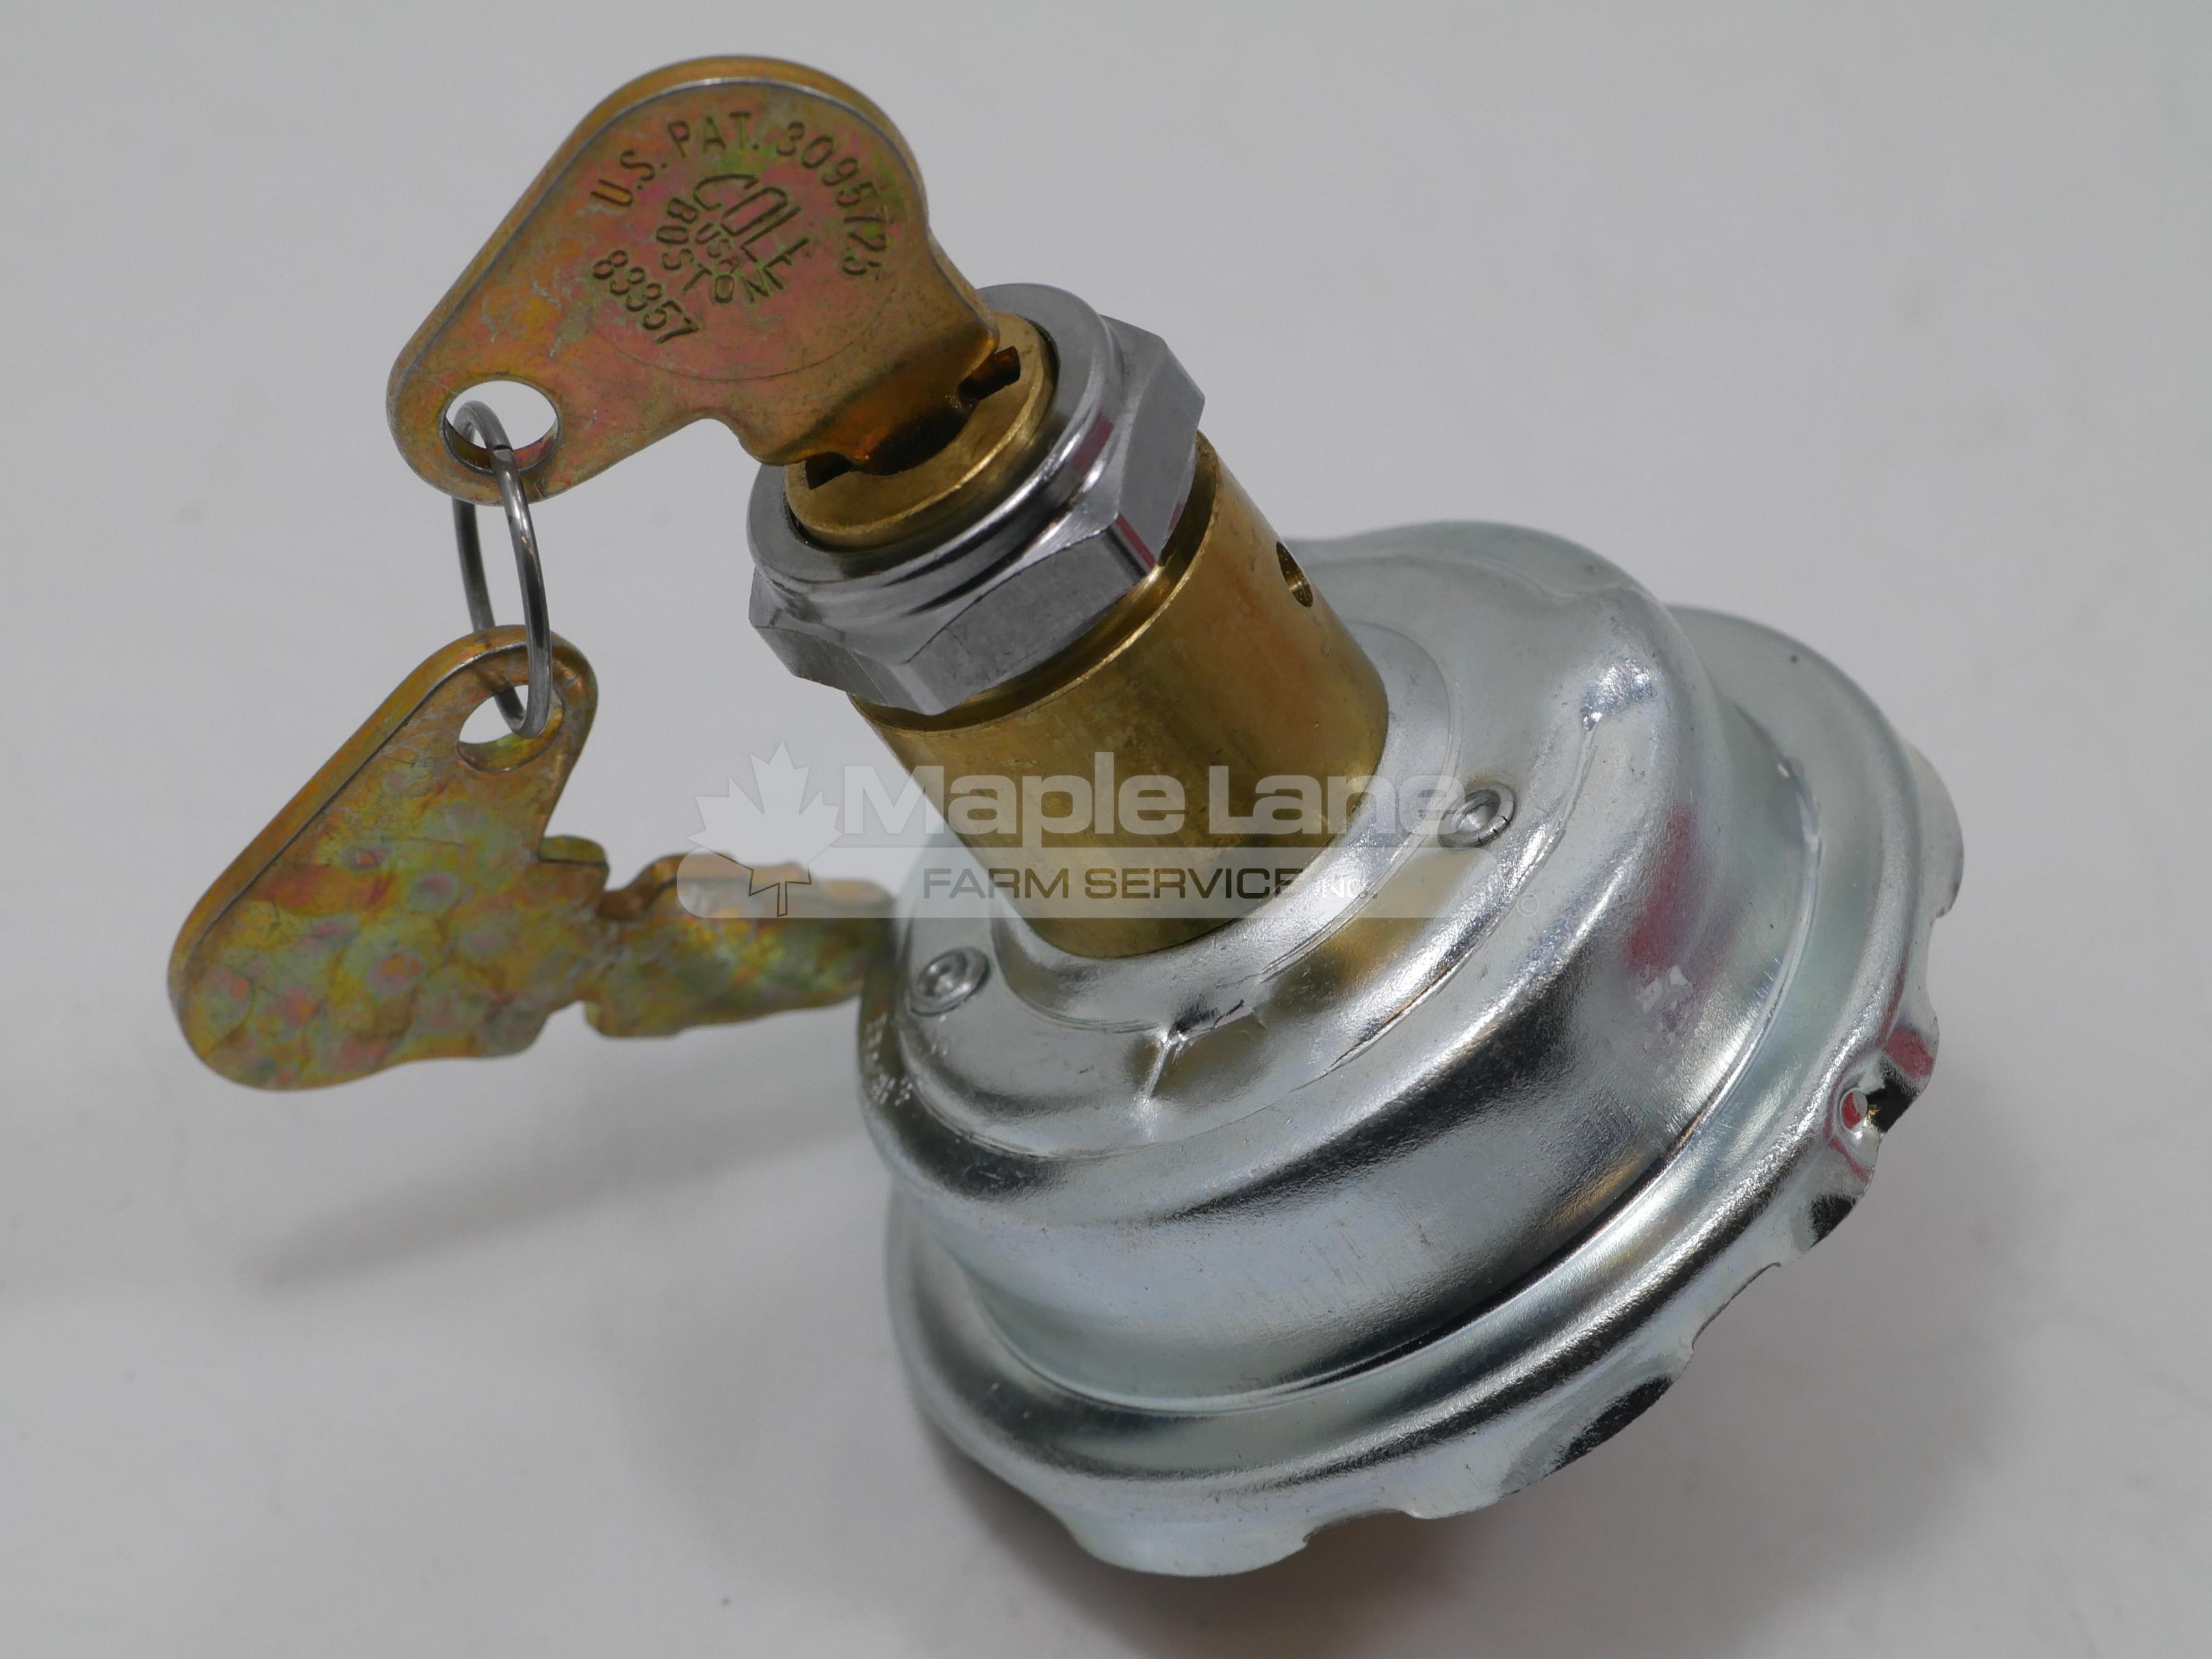 194747v91 switch